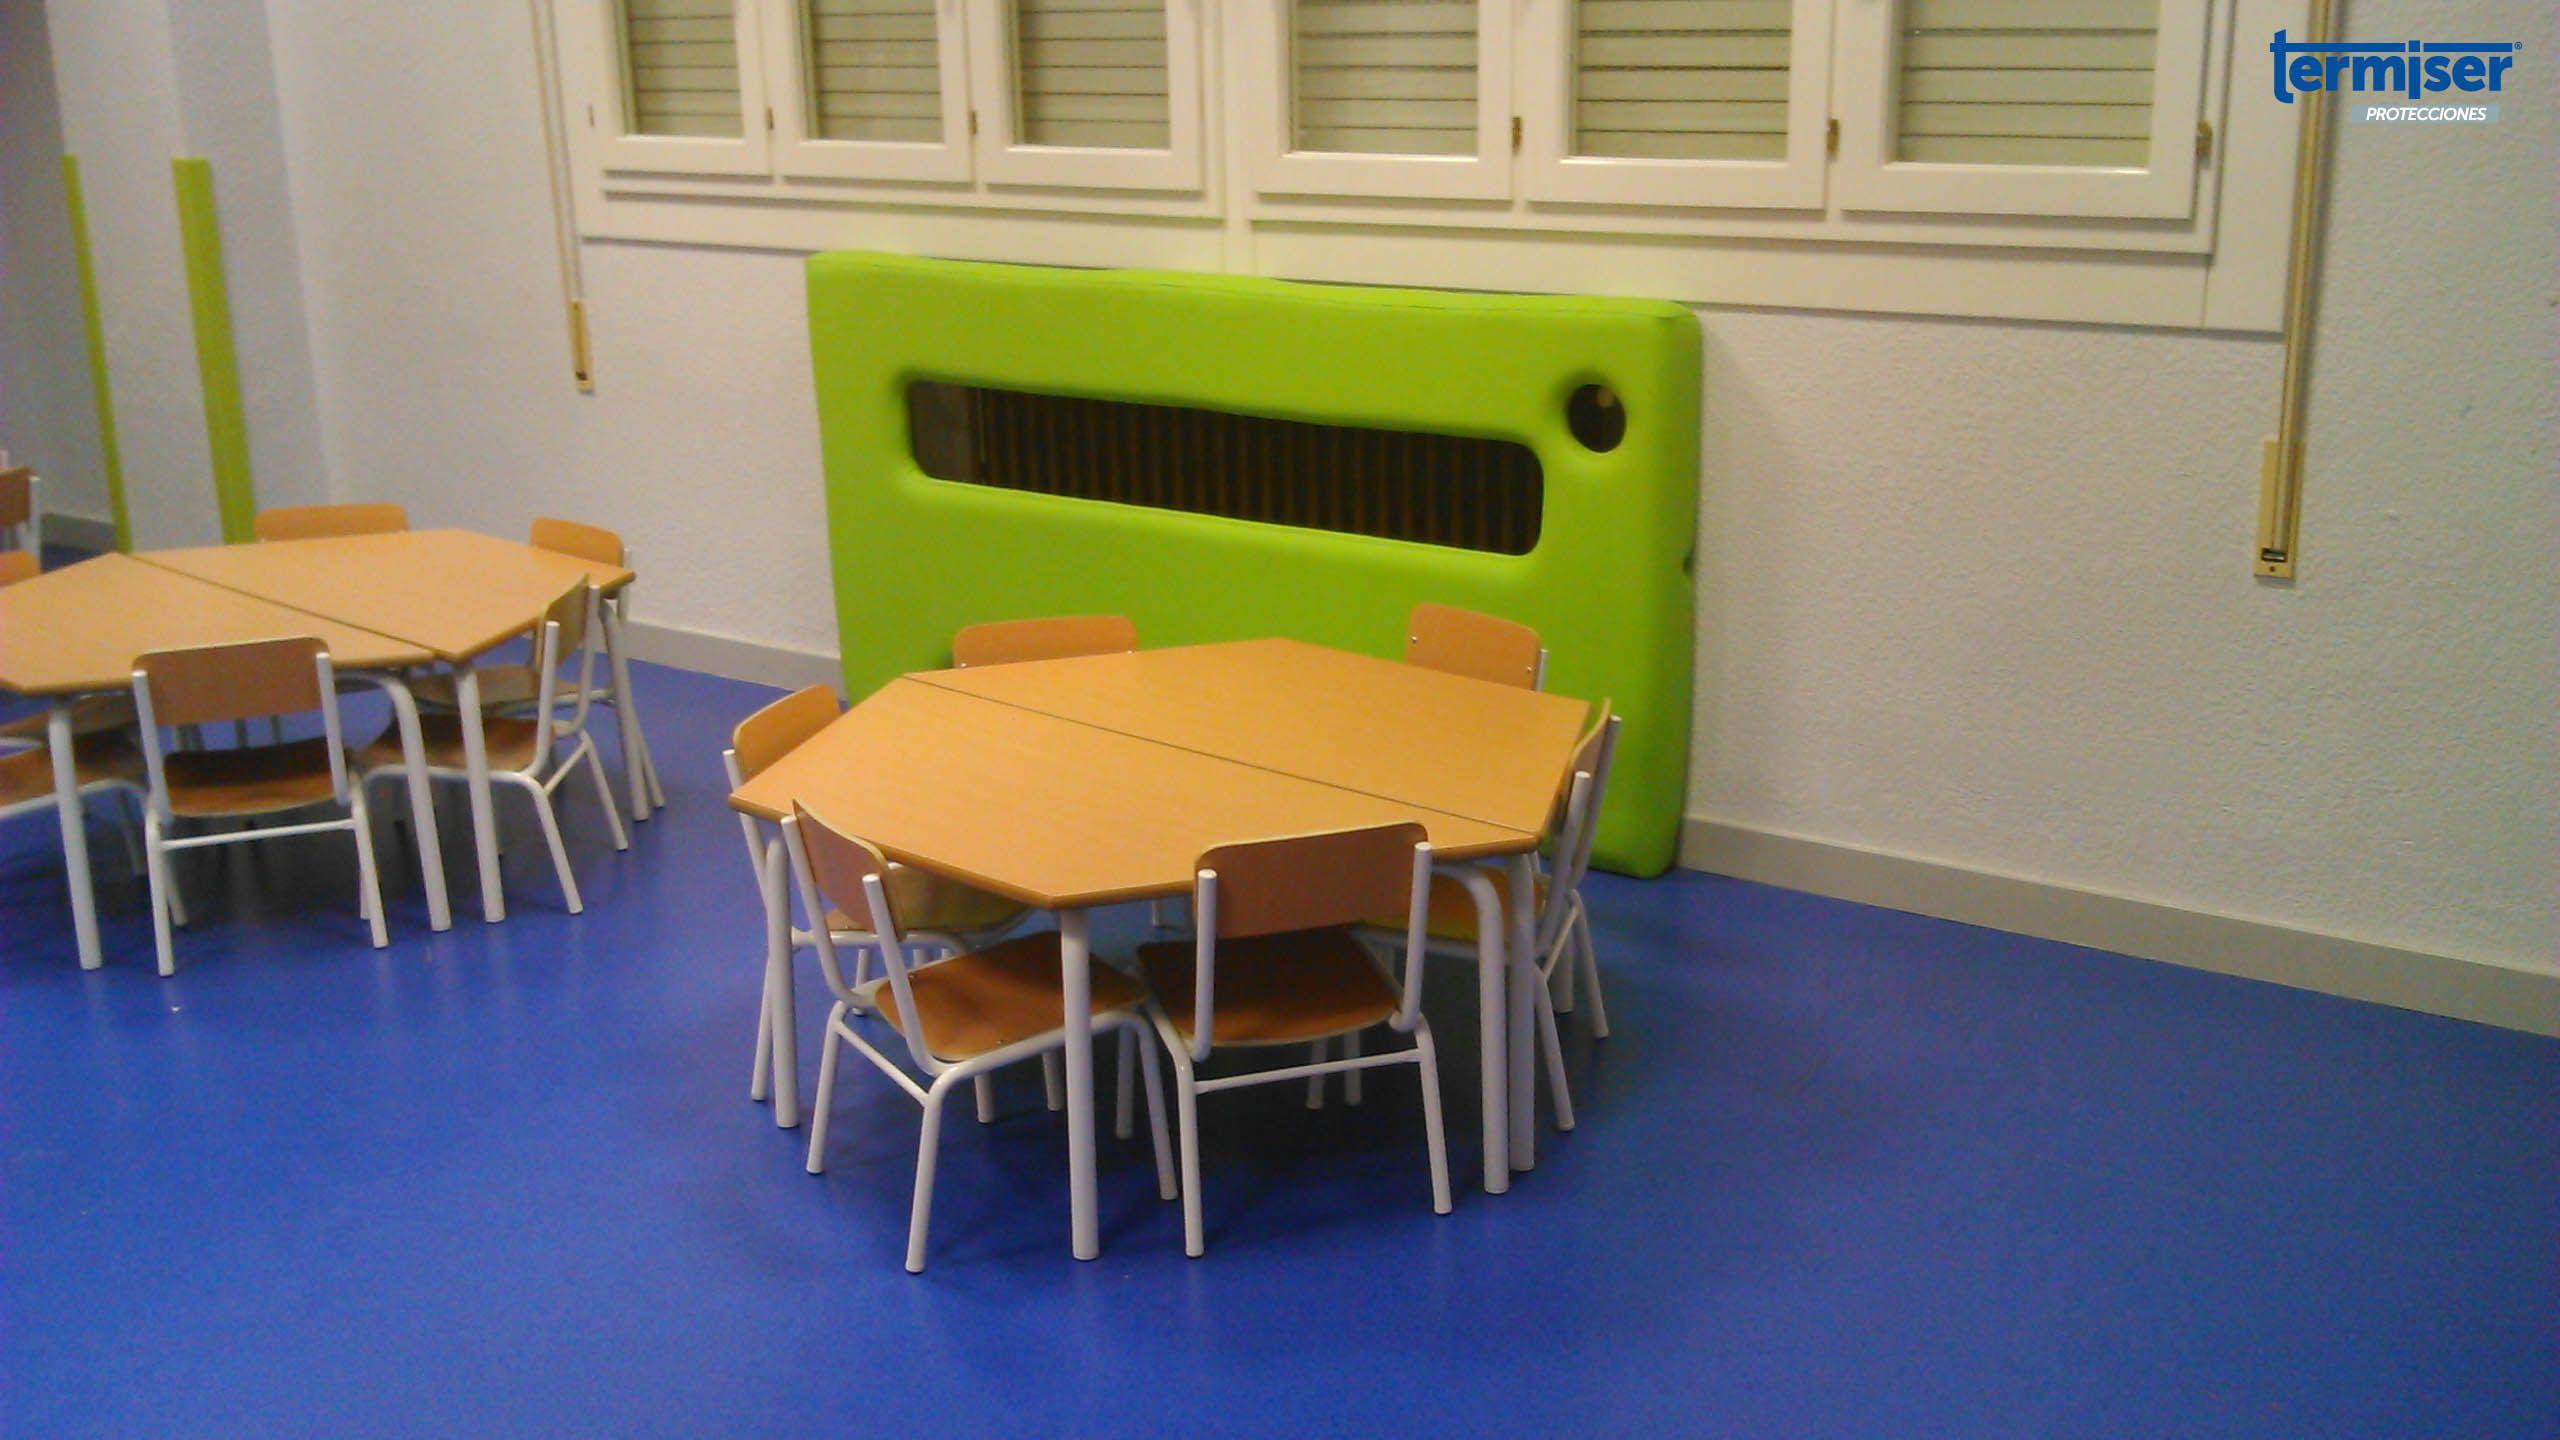 Foto de Termiser Protecciones Centros Educativos